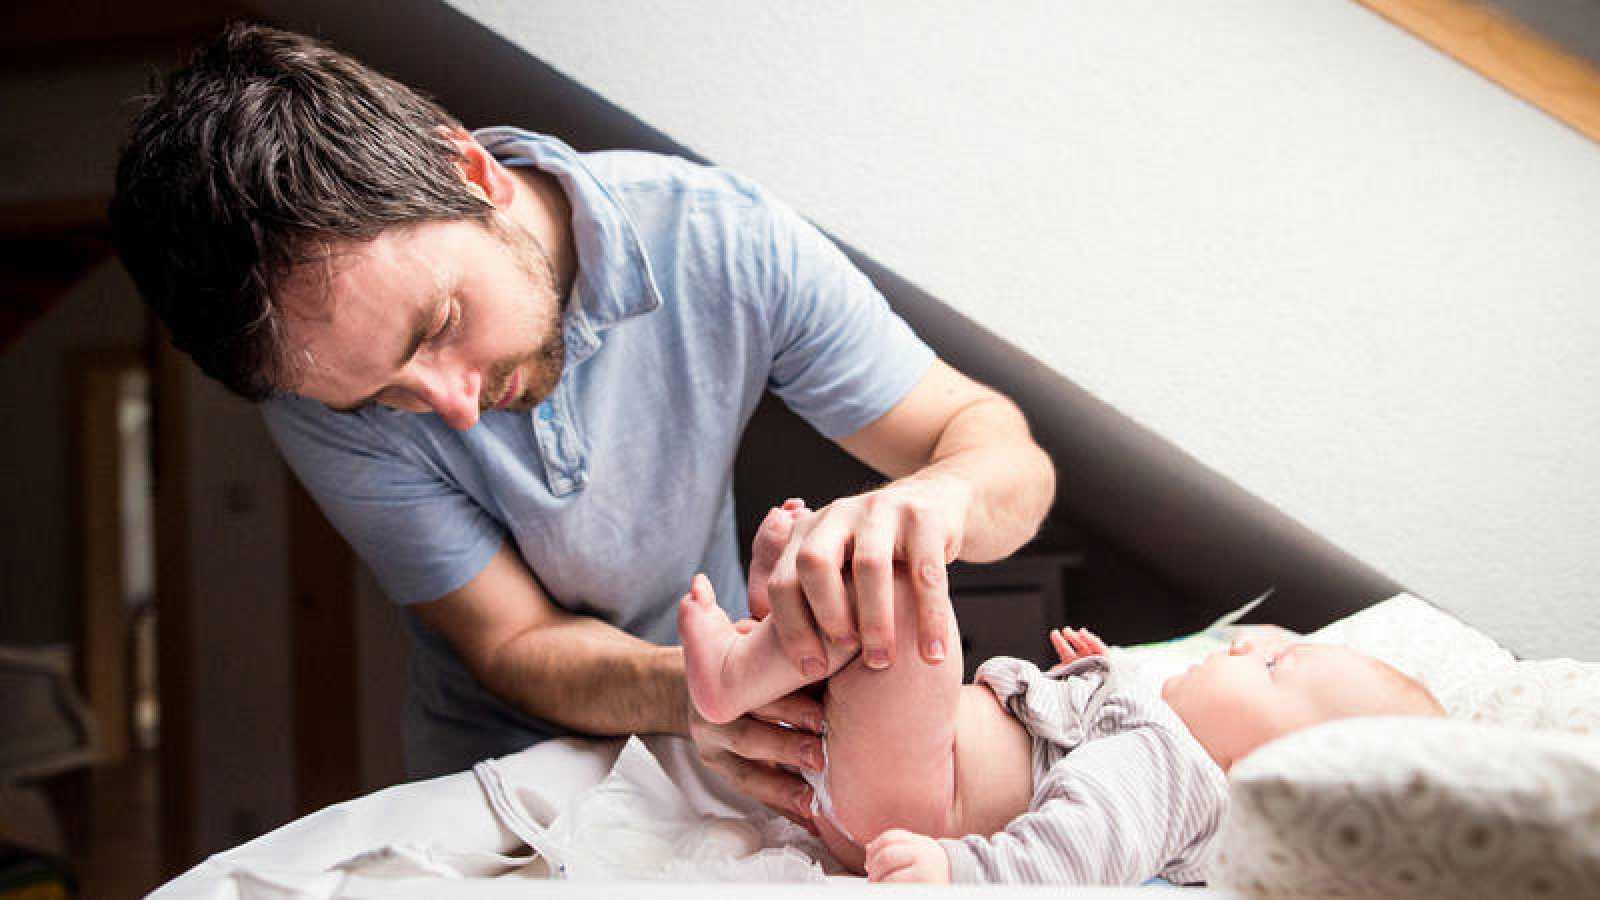 La regulación actual obliga a la madre a tomarse las seis primeras semanas de permiso y de forma voluntaria las diez siguientes; mientras, los padres tienen un permiso voluntario e intransferible de cuatro semanas desde el día de nacimiento.